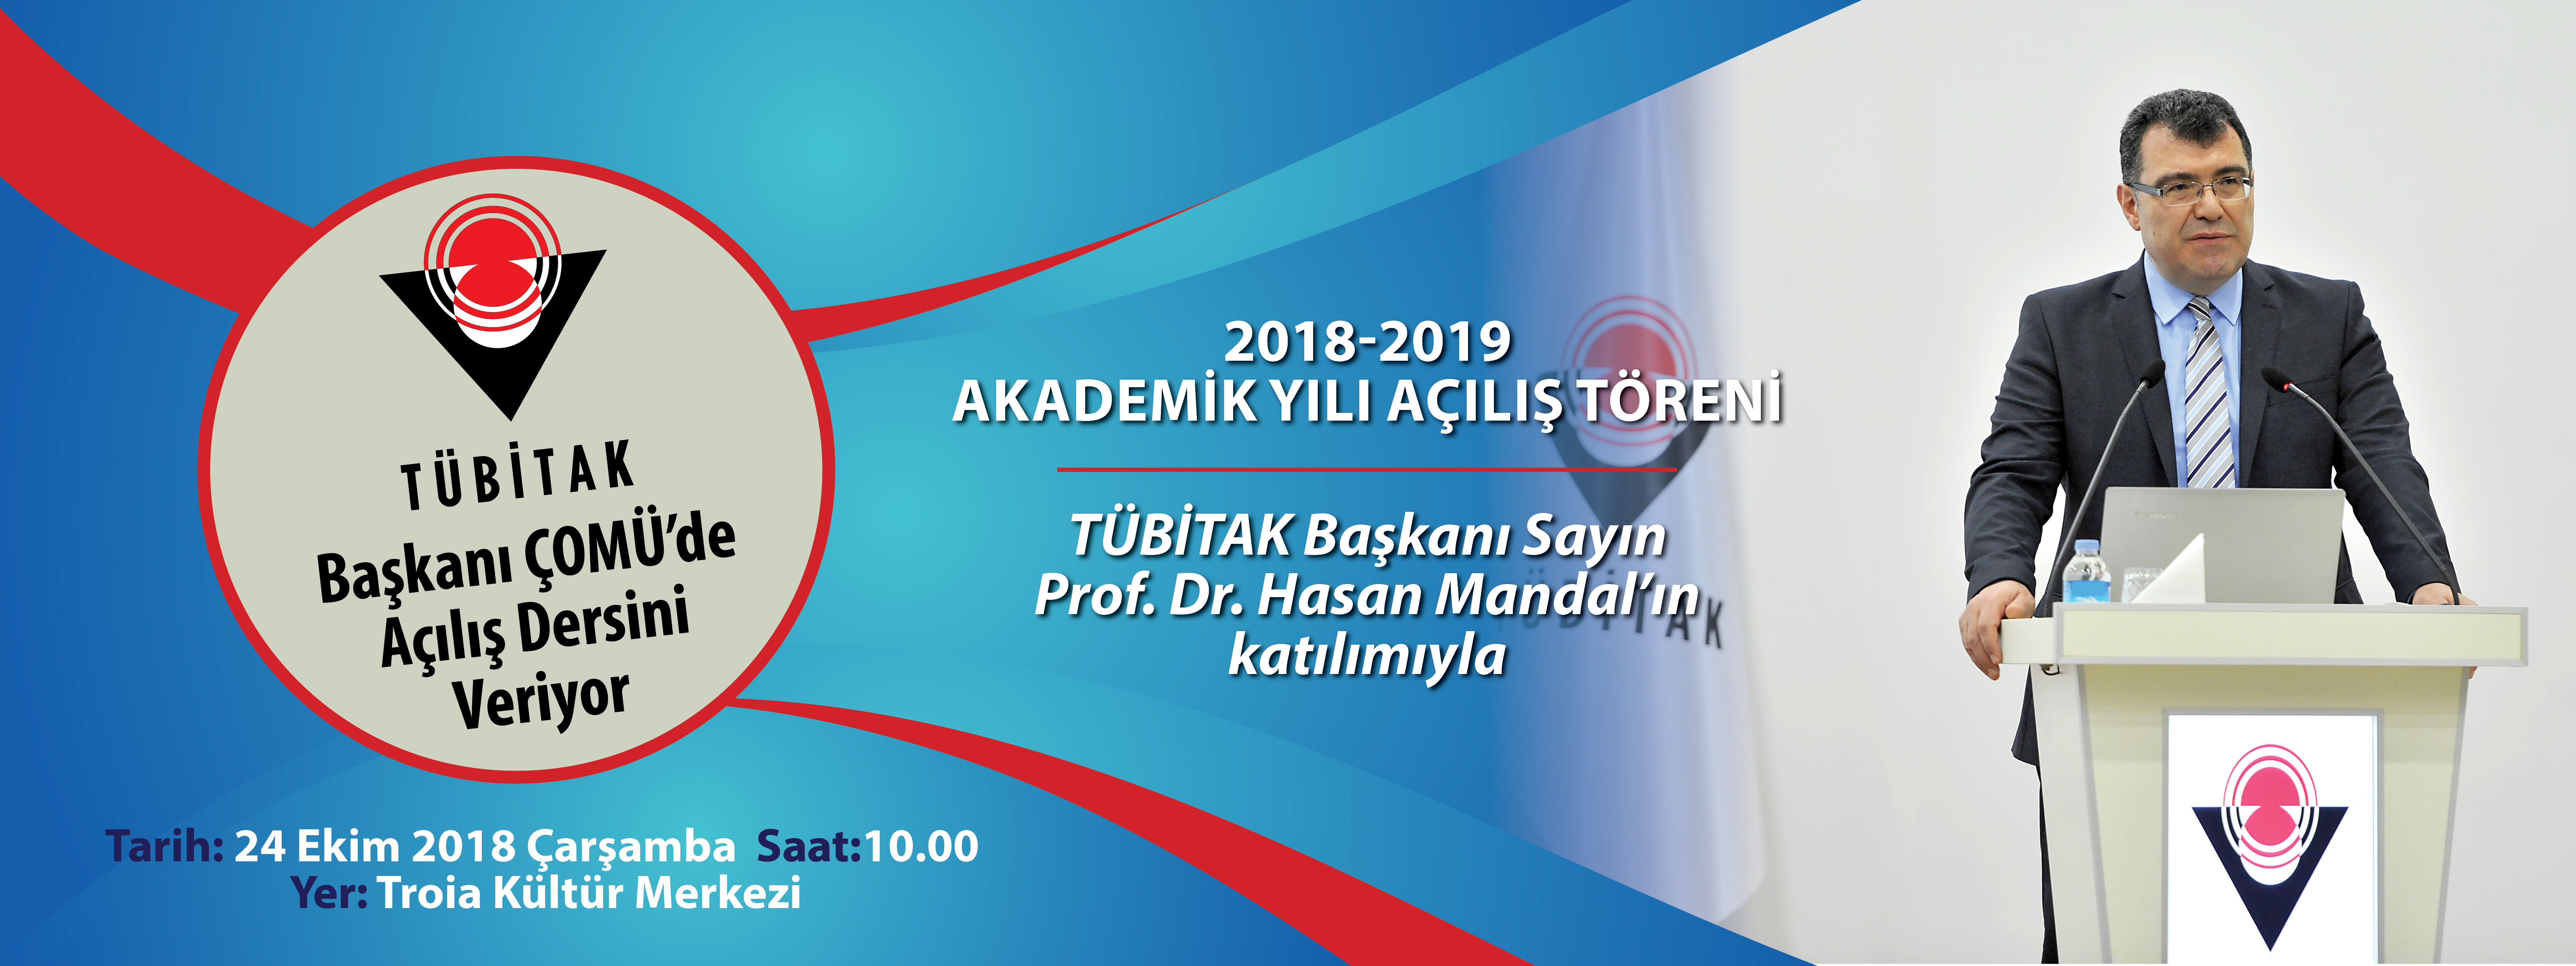 2018-2019 Akademik Yılı Açılış Töreni